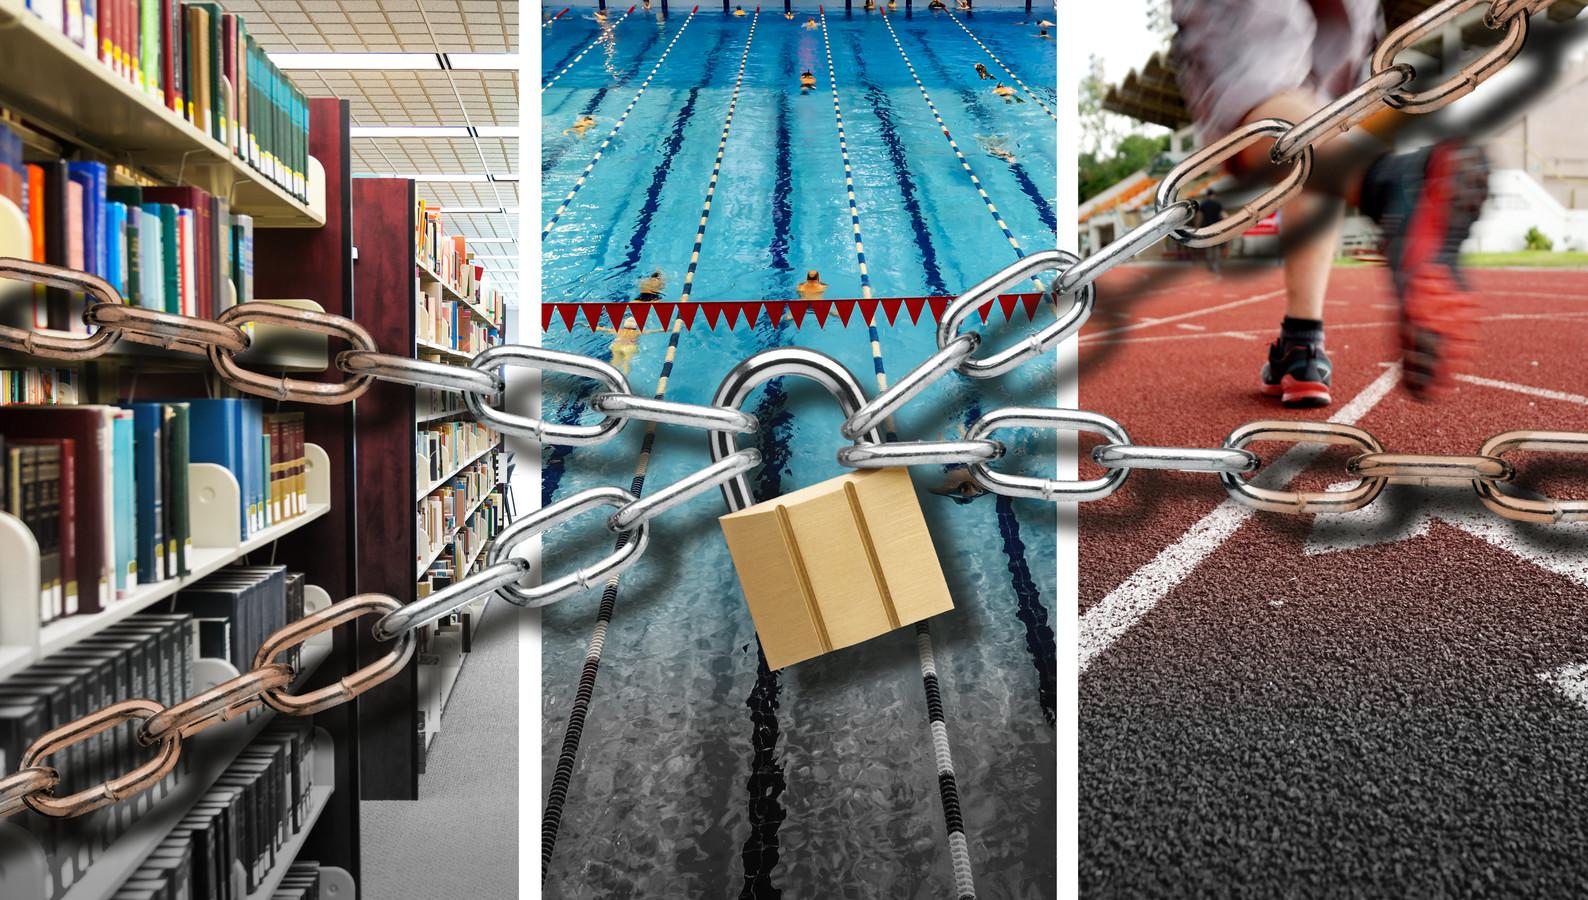 Volgens grote en middelgrote steden moet er zo hard bezuinigd worden dat bibliotheken, zwembaden en sportvoorzieningen mogelijk dicht moeten.